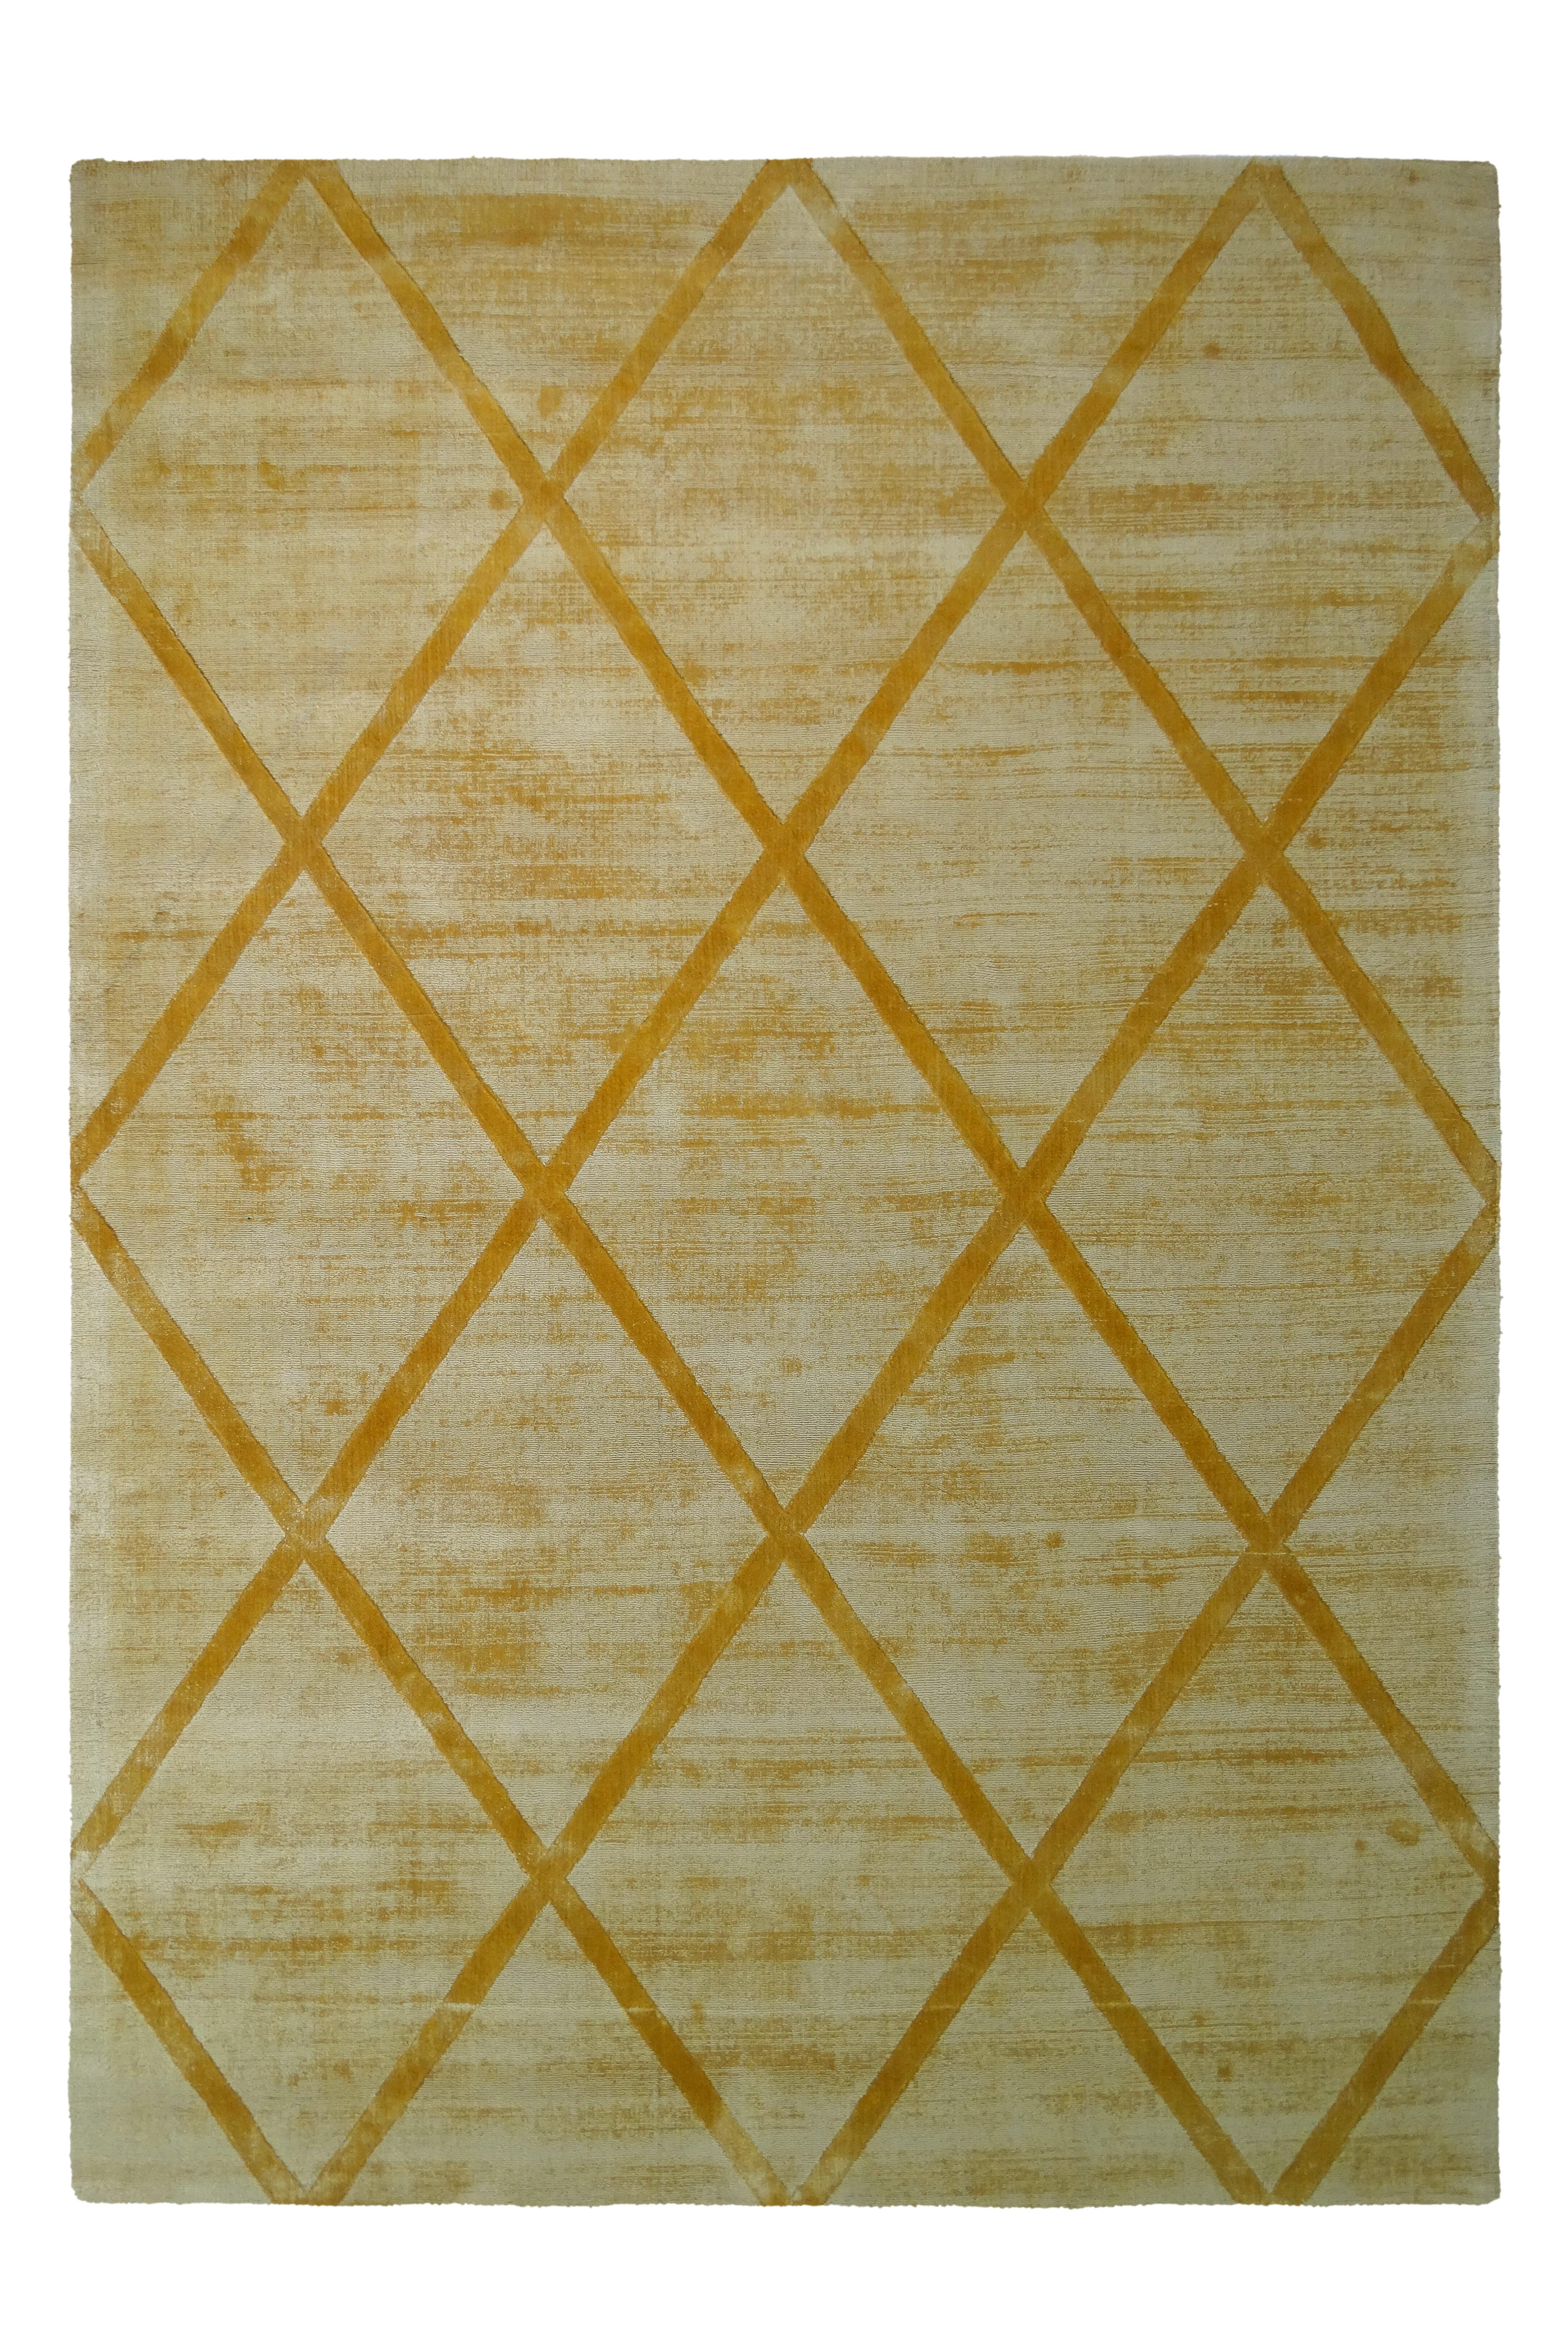 Kayoom Vloerkleed 'Luxury 210' kleur Oker / Geel, 120 x 170cm